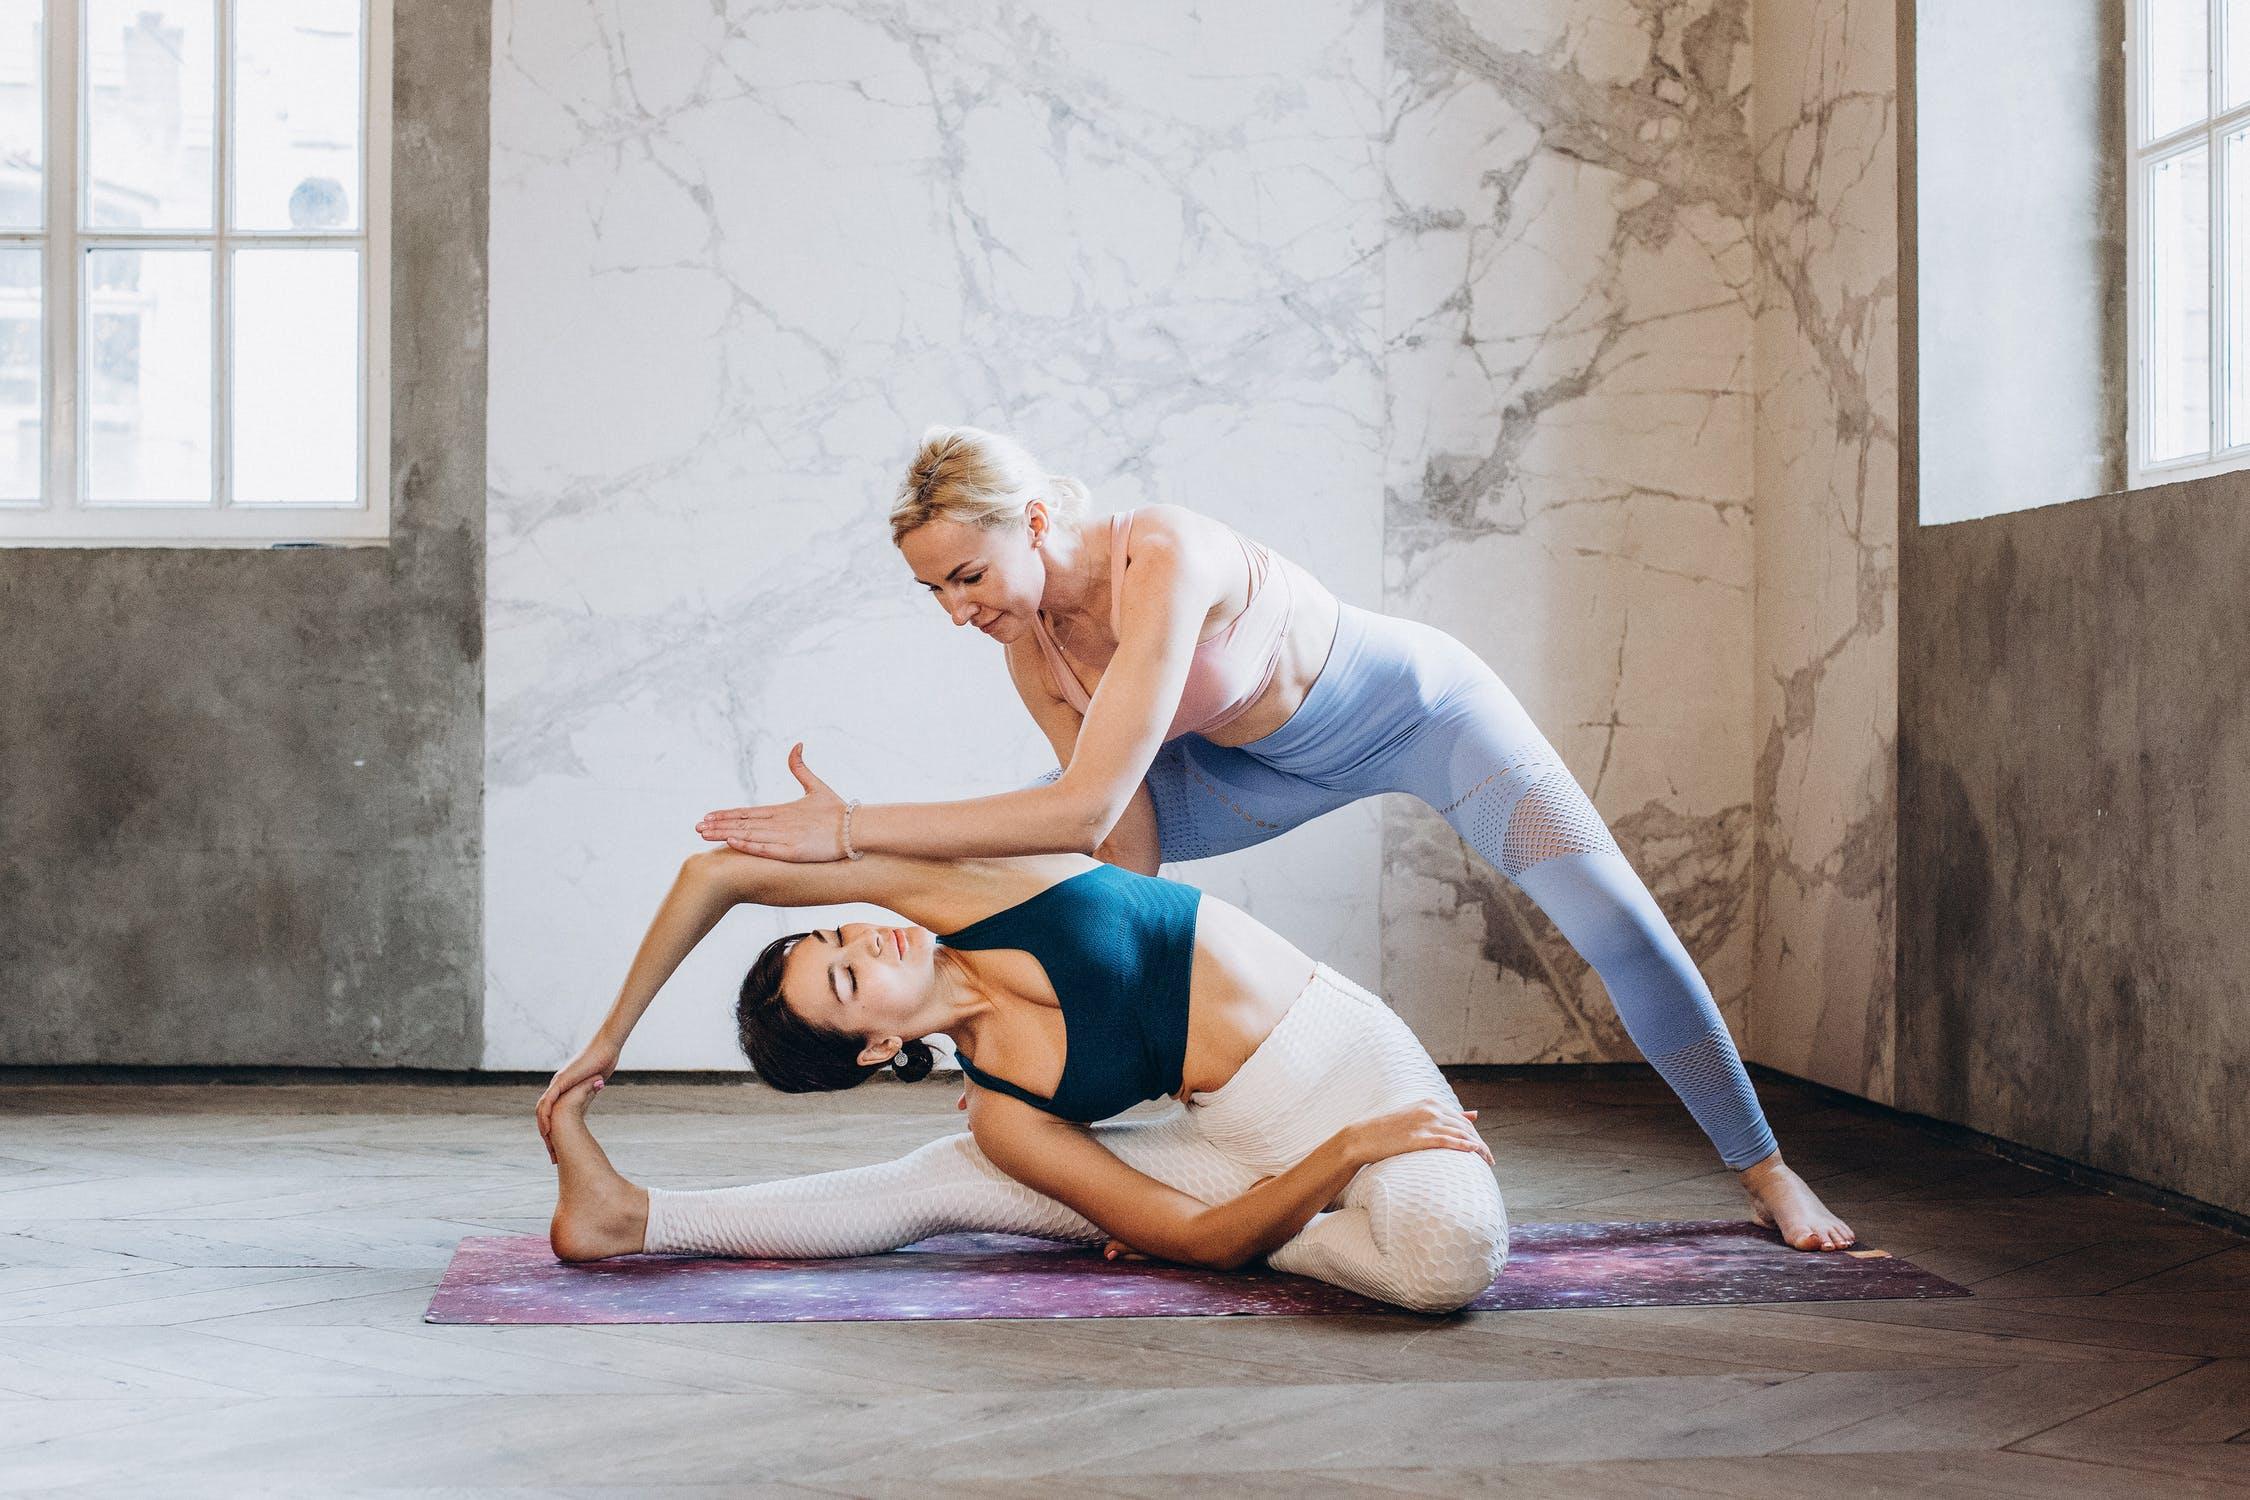 Физическая активность для здорового образа жизни